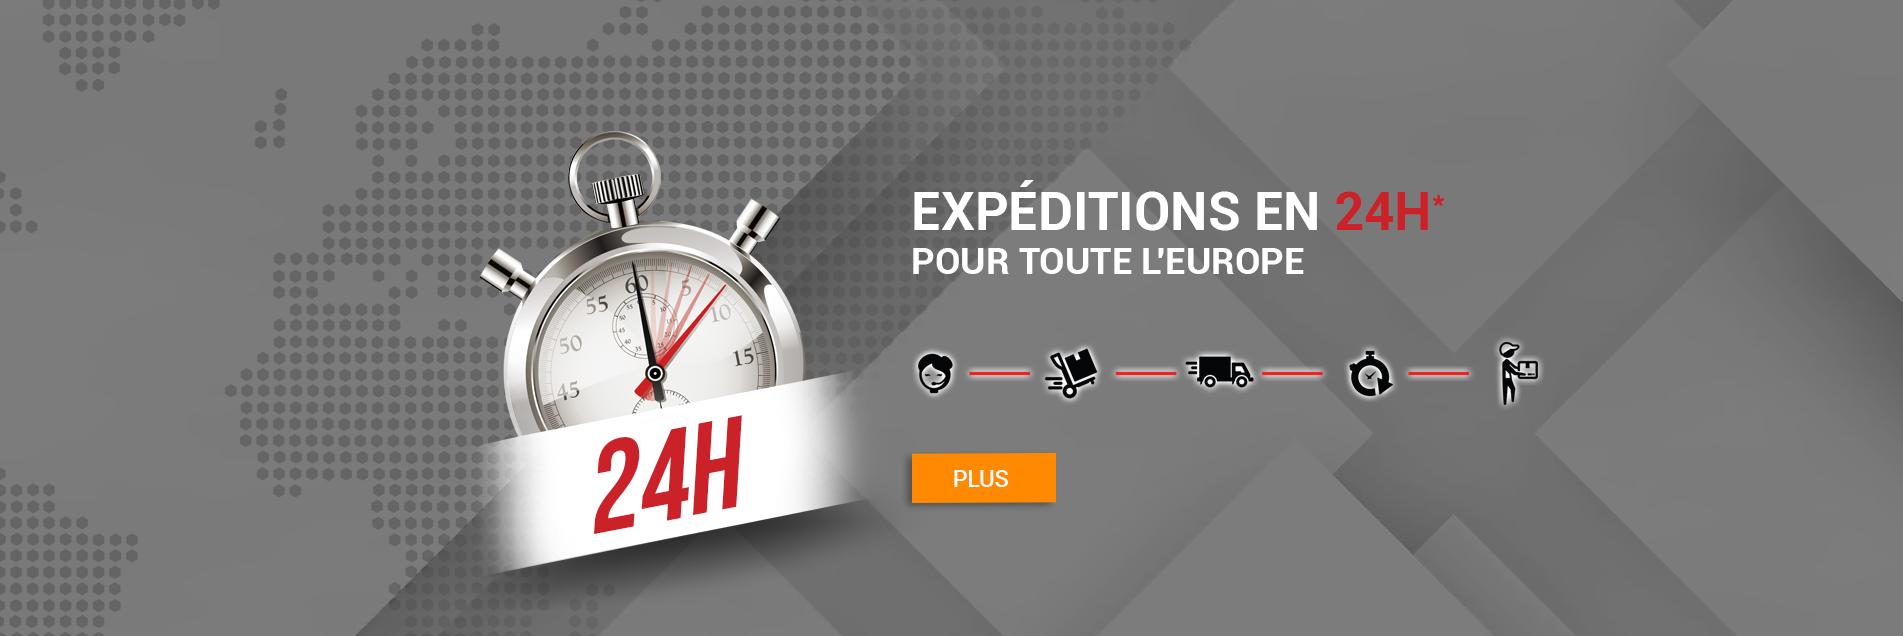 expéditions en 24h pour toute l'europe